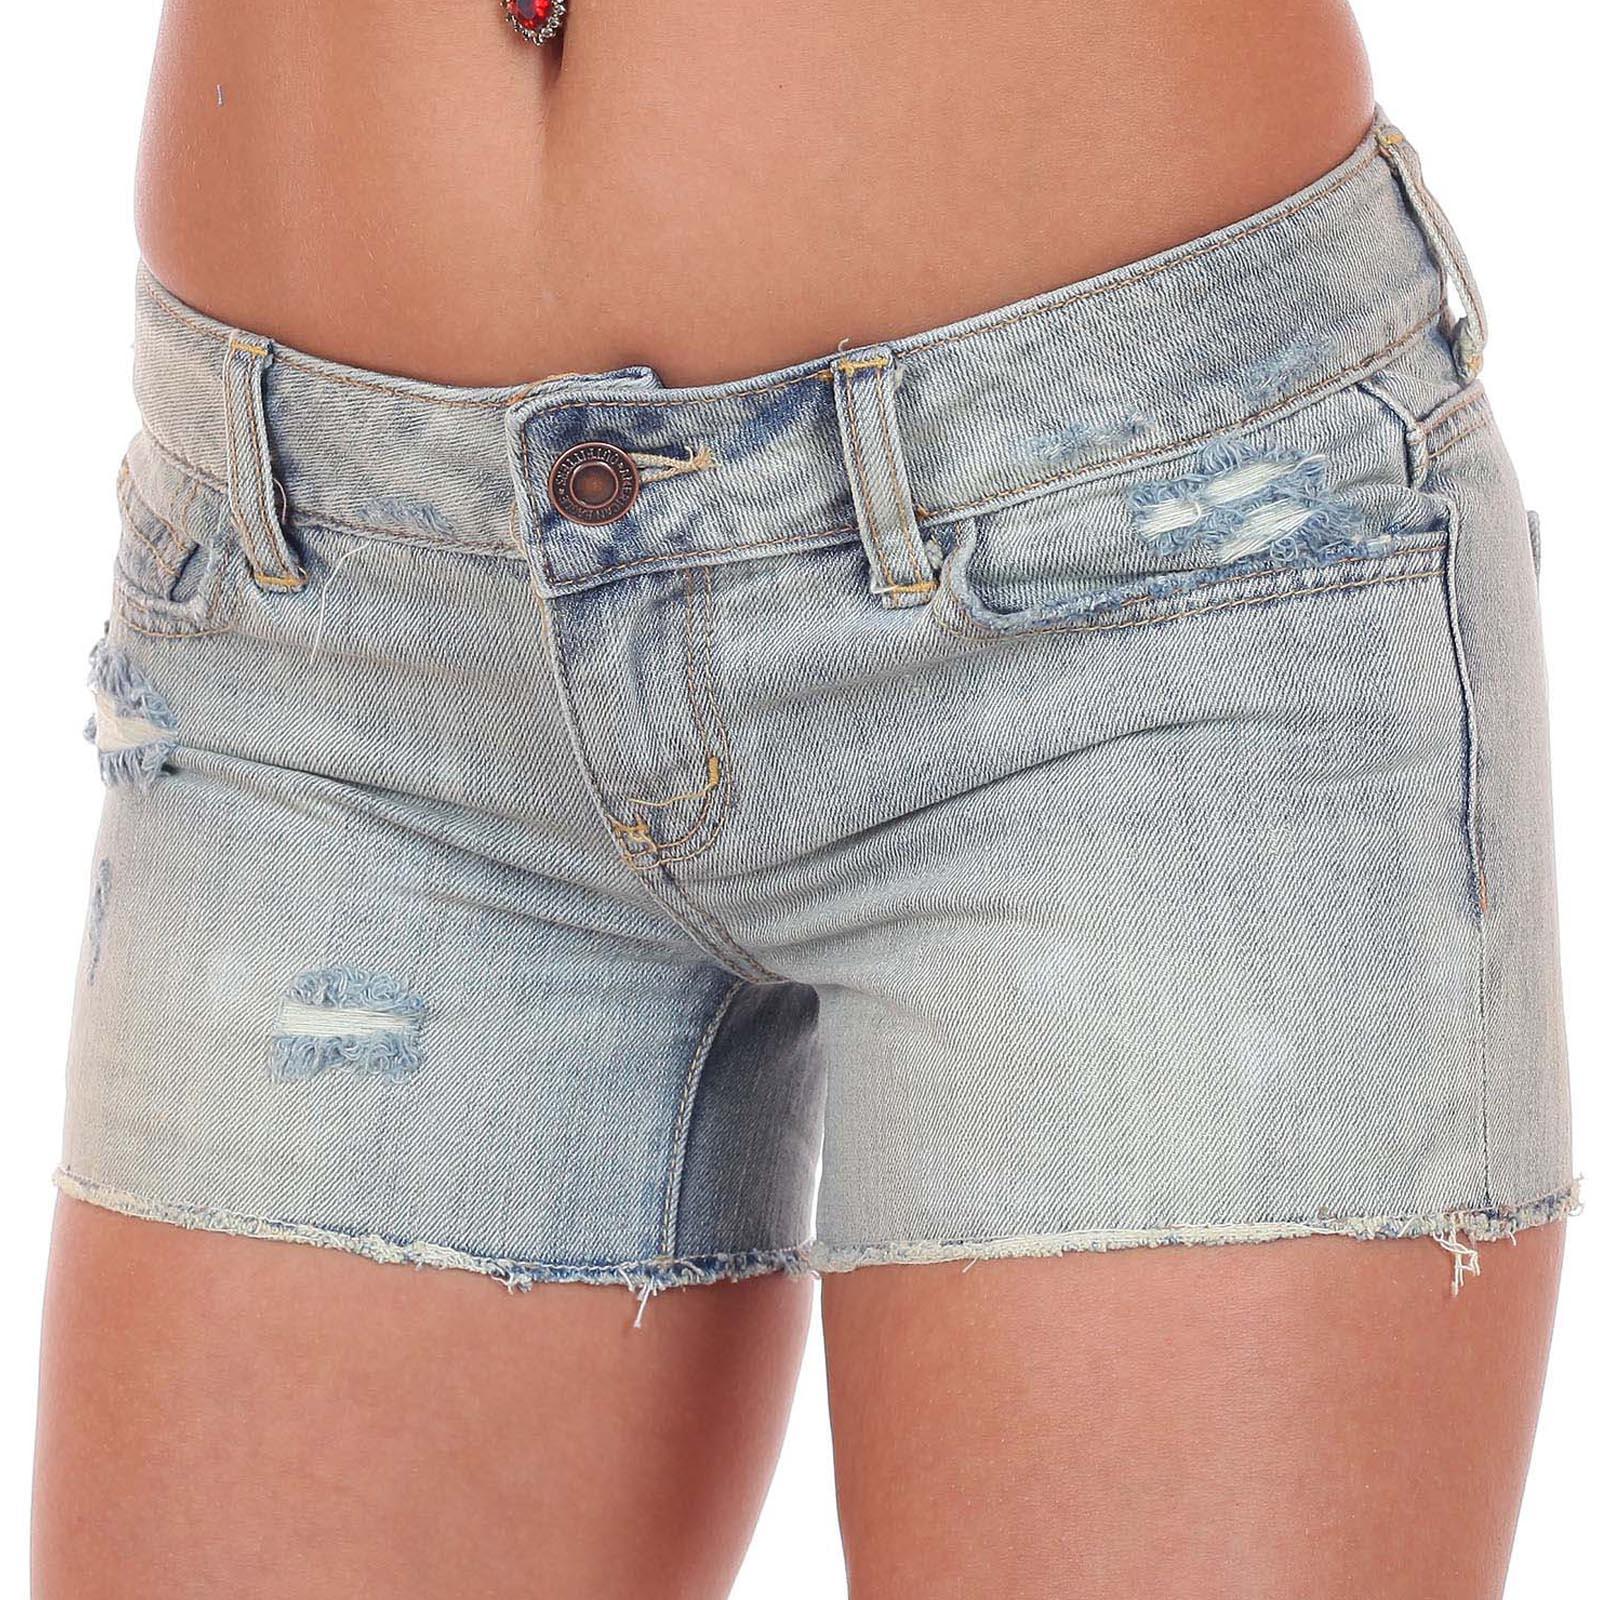 Шортики American Eagle - обрезанные затёртые джинсы из крутого материала за 45 $ в магазинах Америки по низкой цене